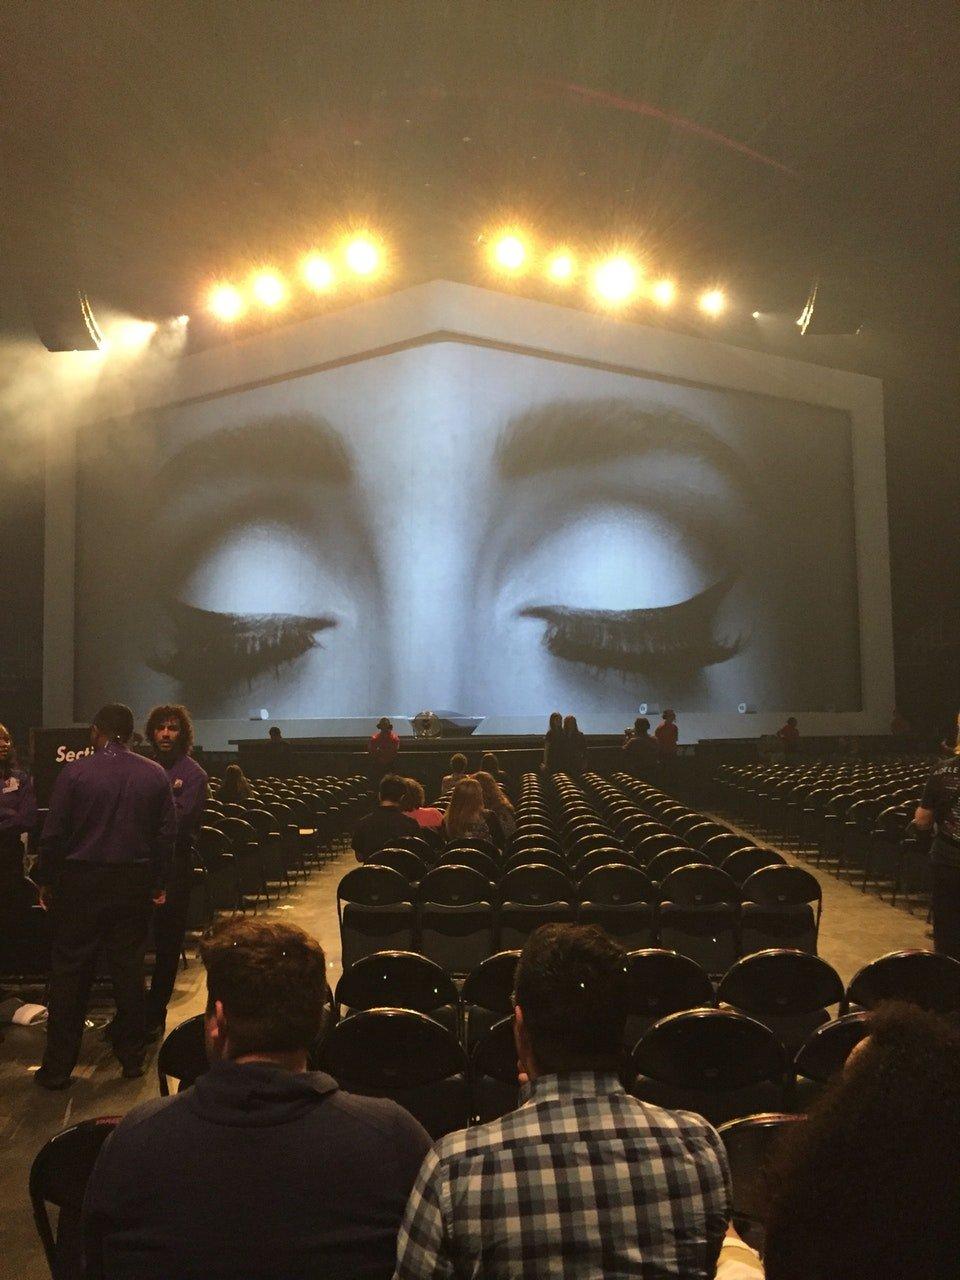 Staples Center Floor 5 Concert Seating Rateyourseats Com